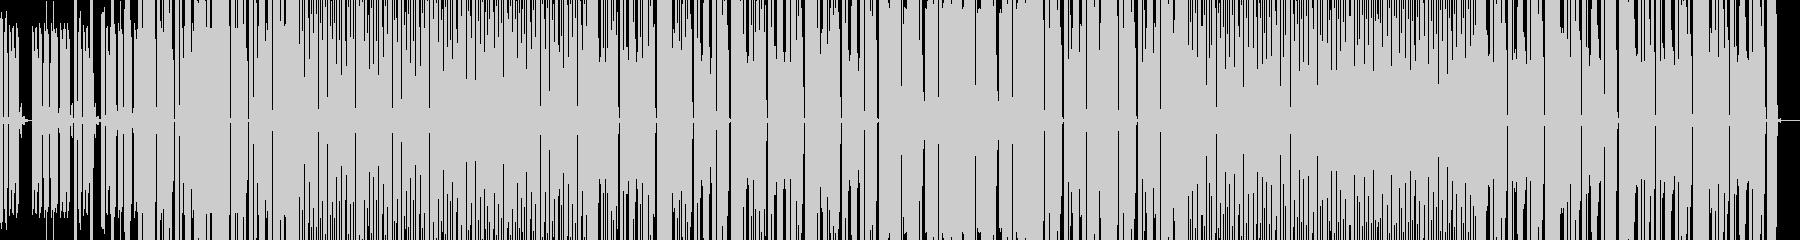 ポップで楽しげに弾むBEATの未再生の波形